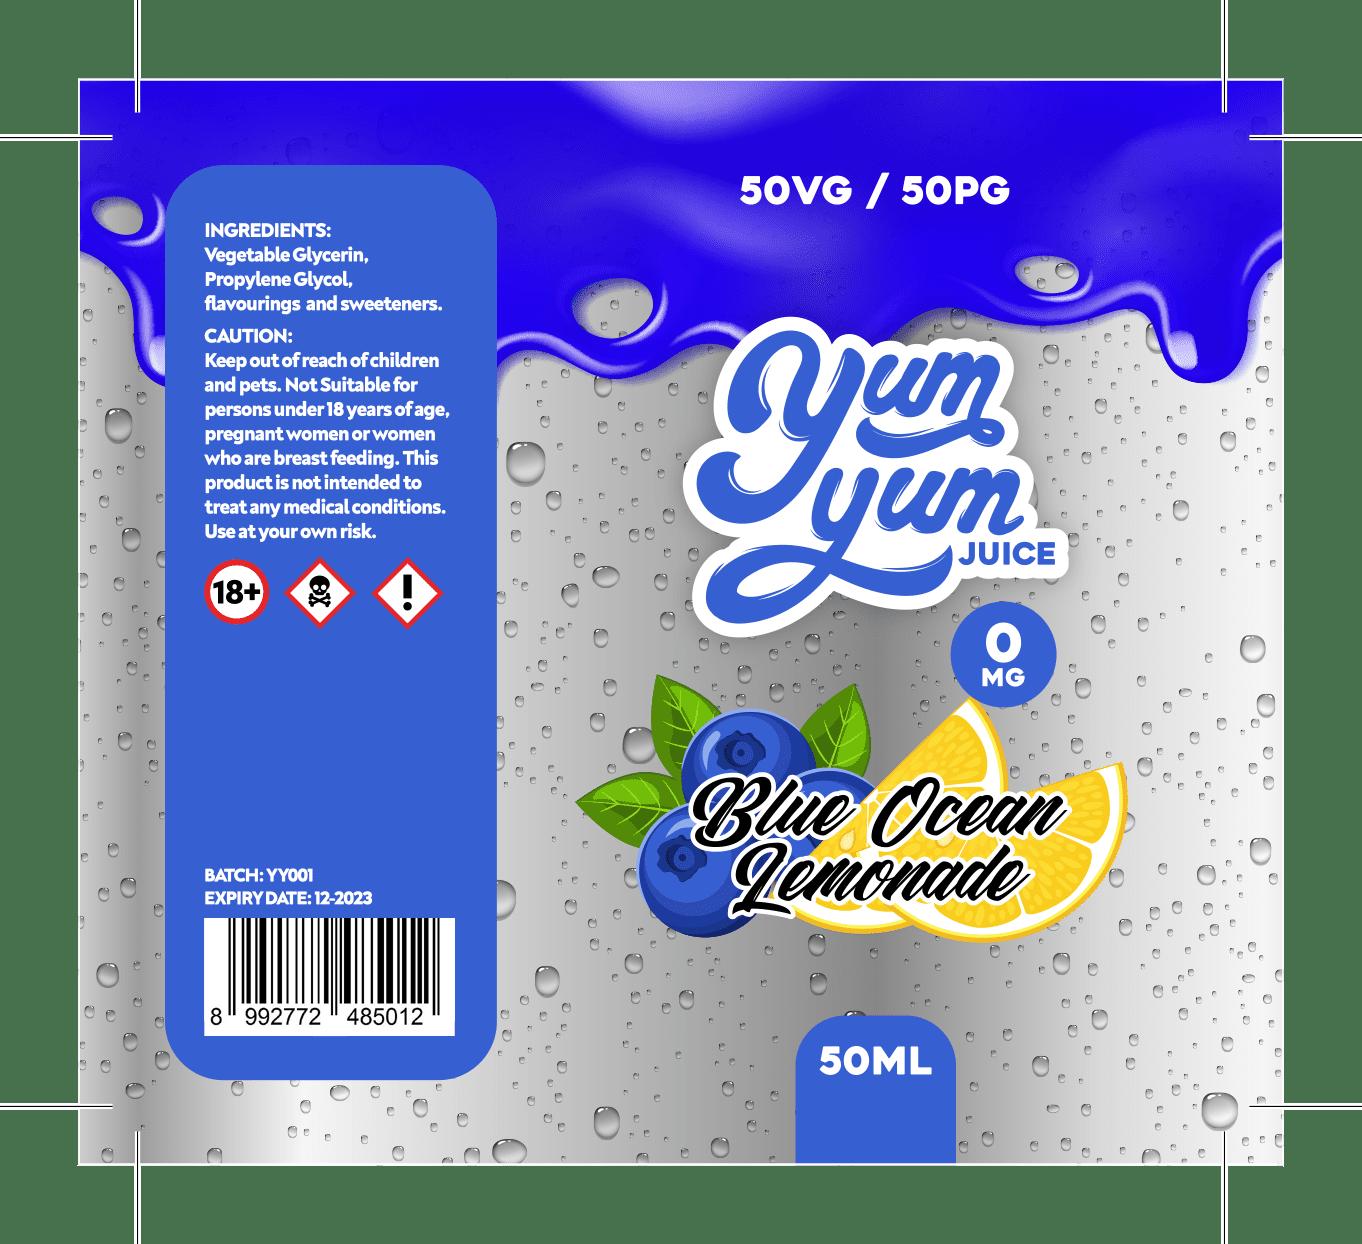 Yum Yum Labels - Blue Ocean Lemonade